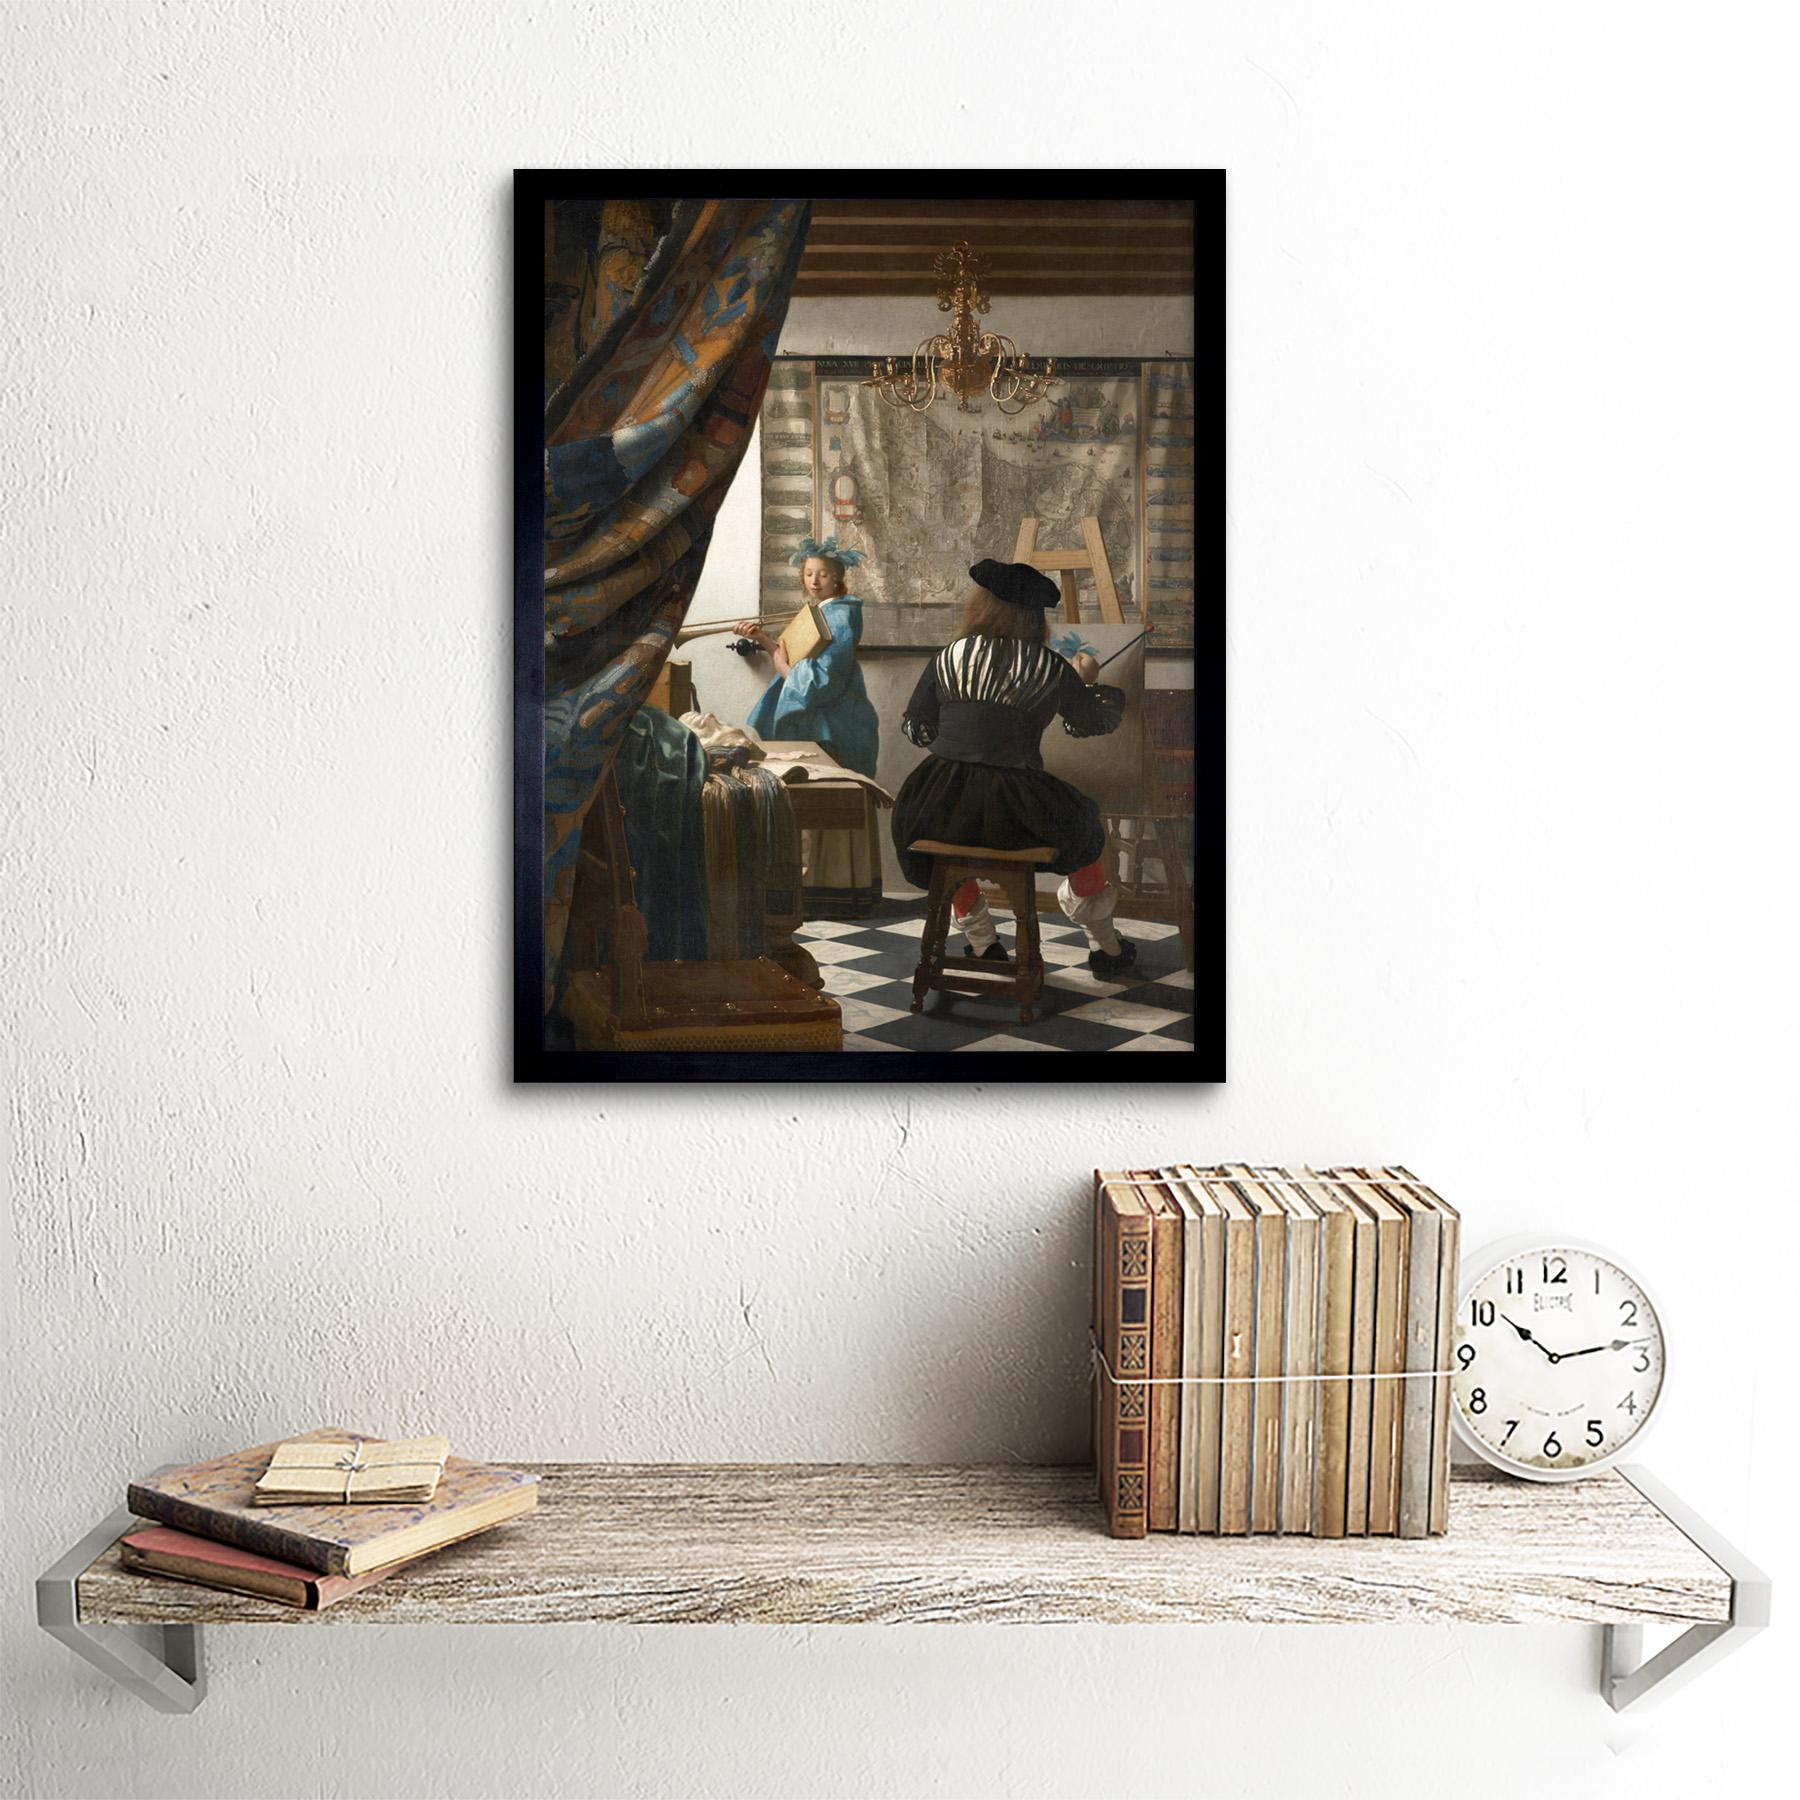 Jan-Vermeer-The-Art-Of-Painting-Art-Print-Framed-12x16 thumbnail 3